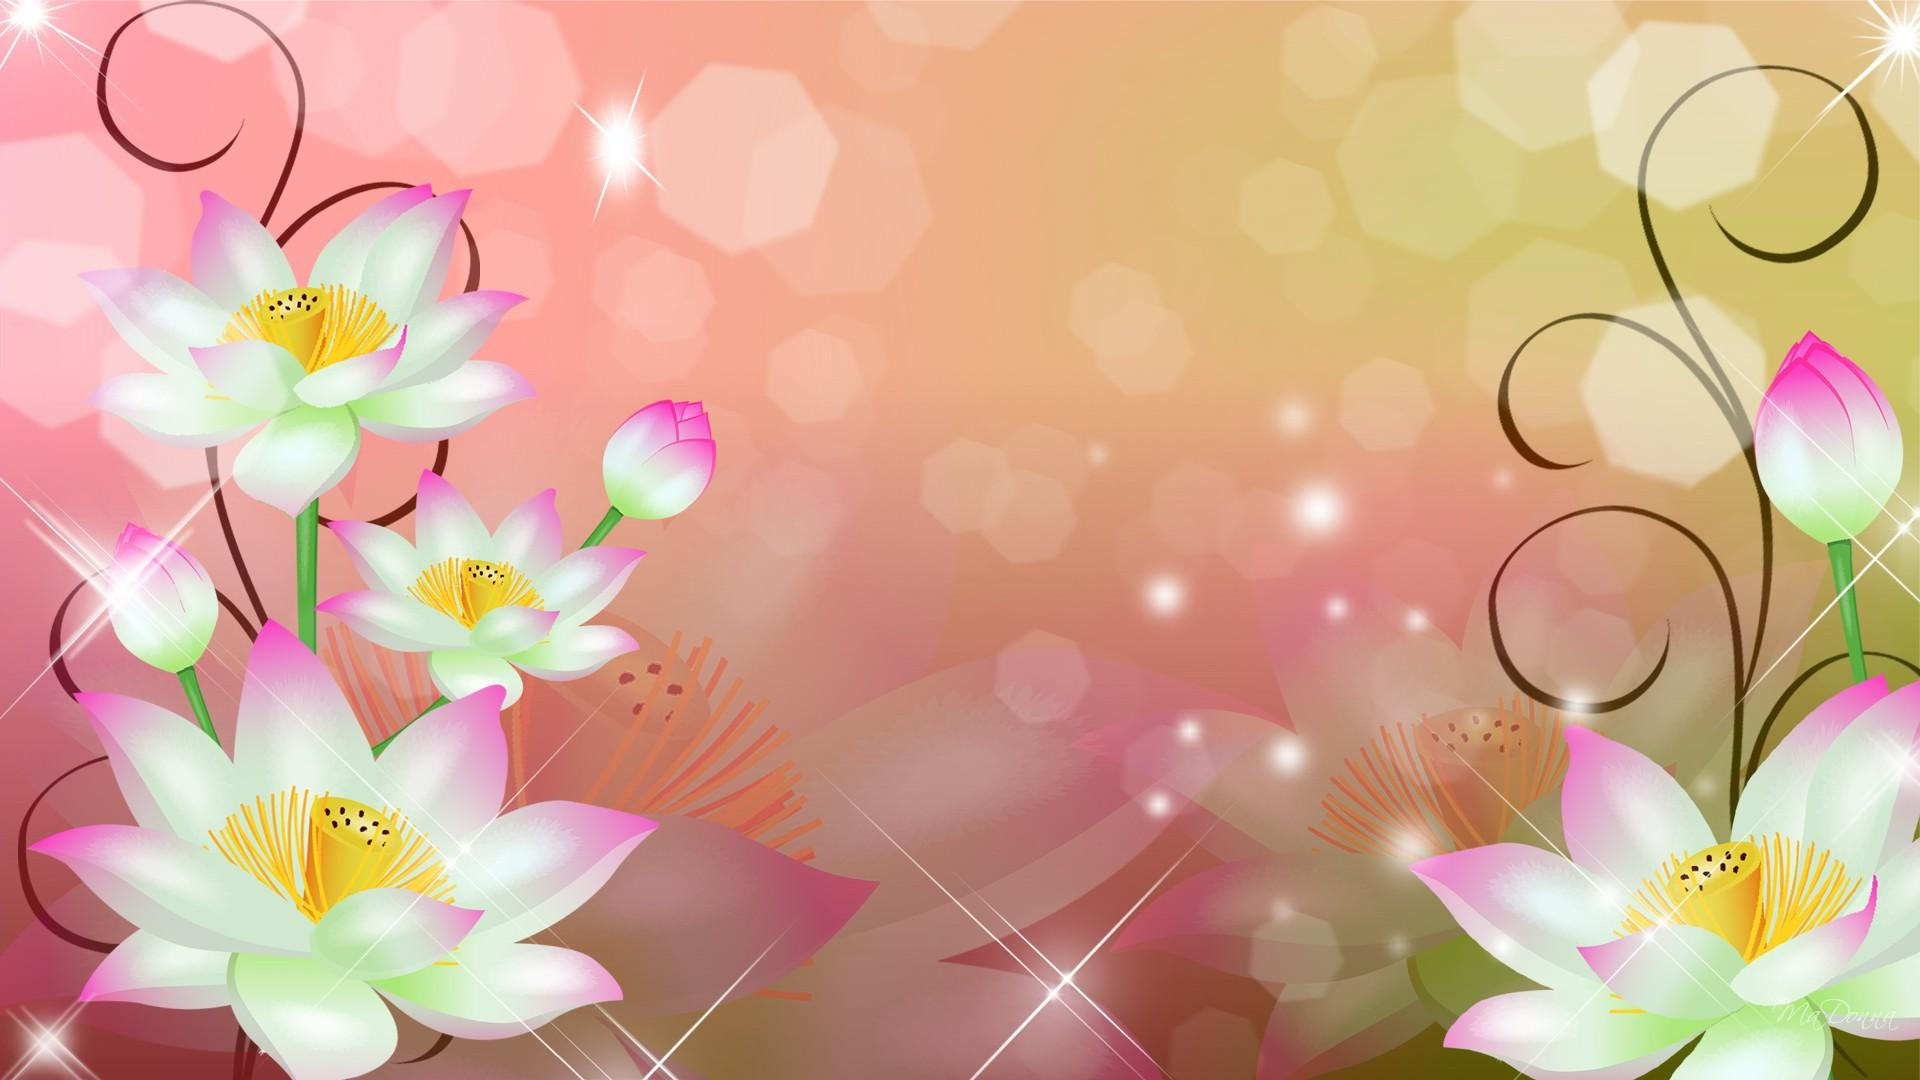 Flowers Cute Wallpaper PC